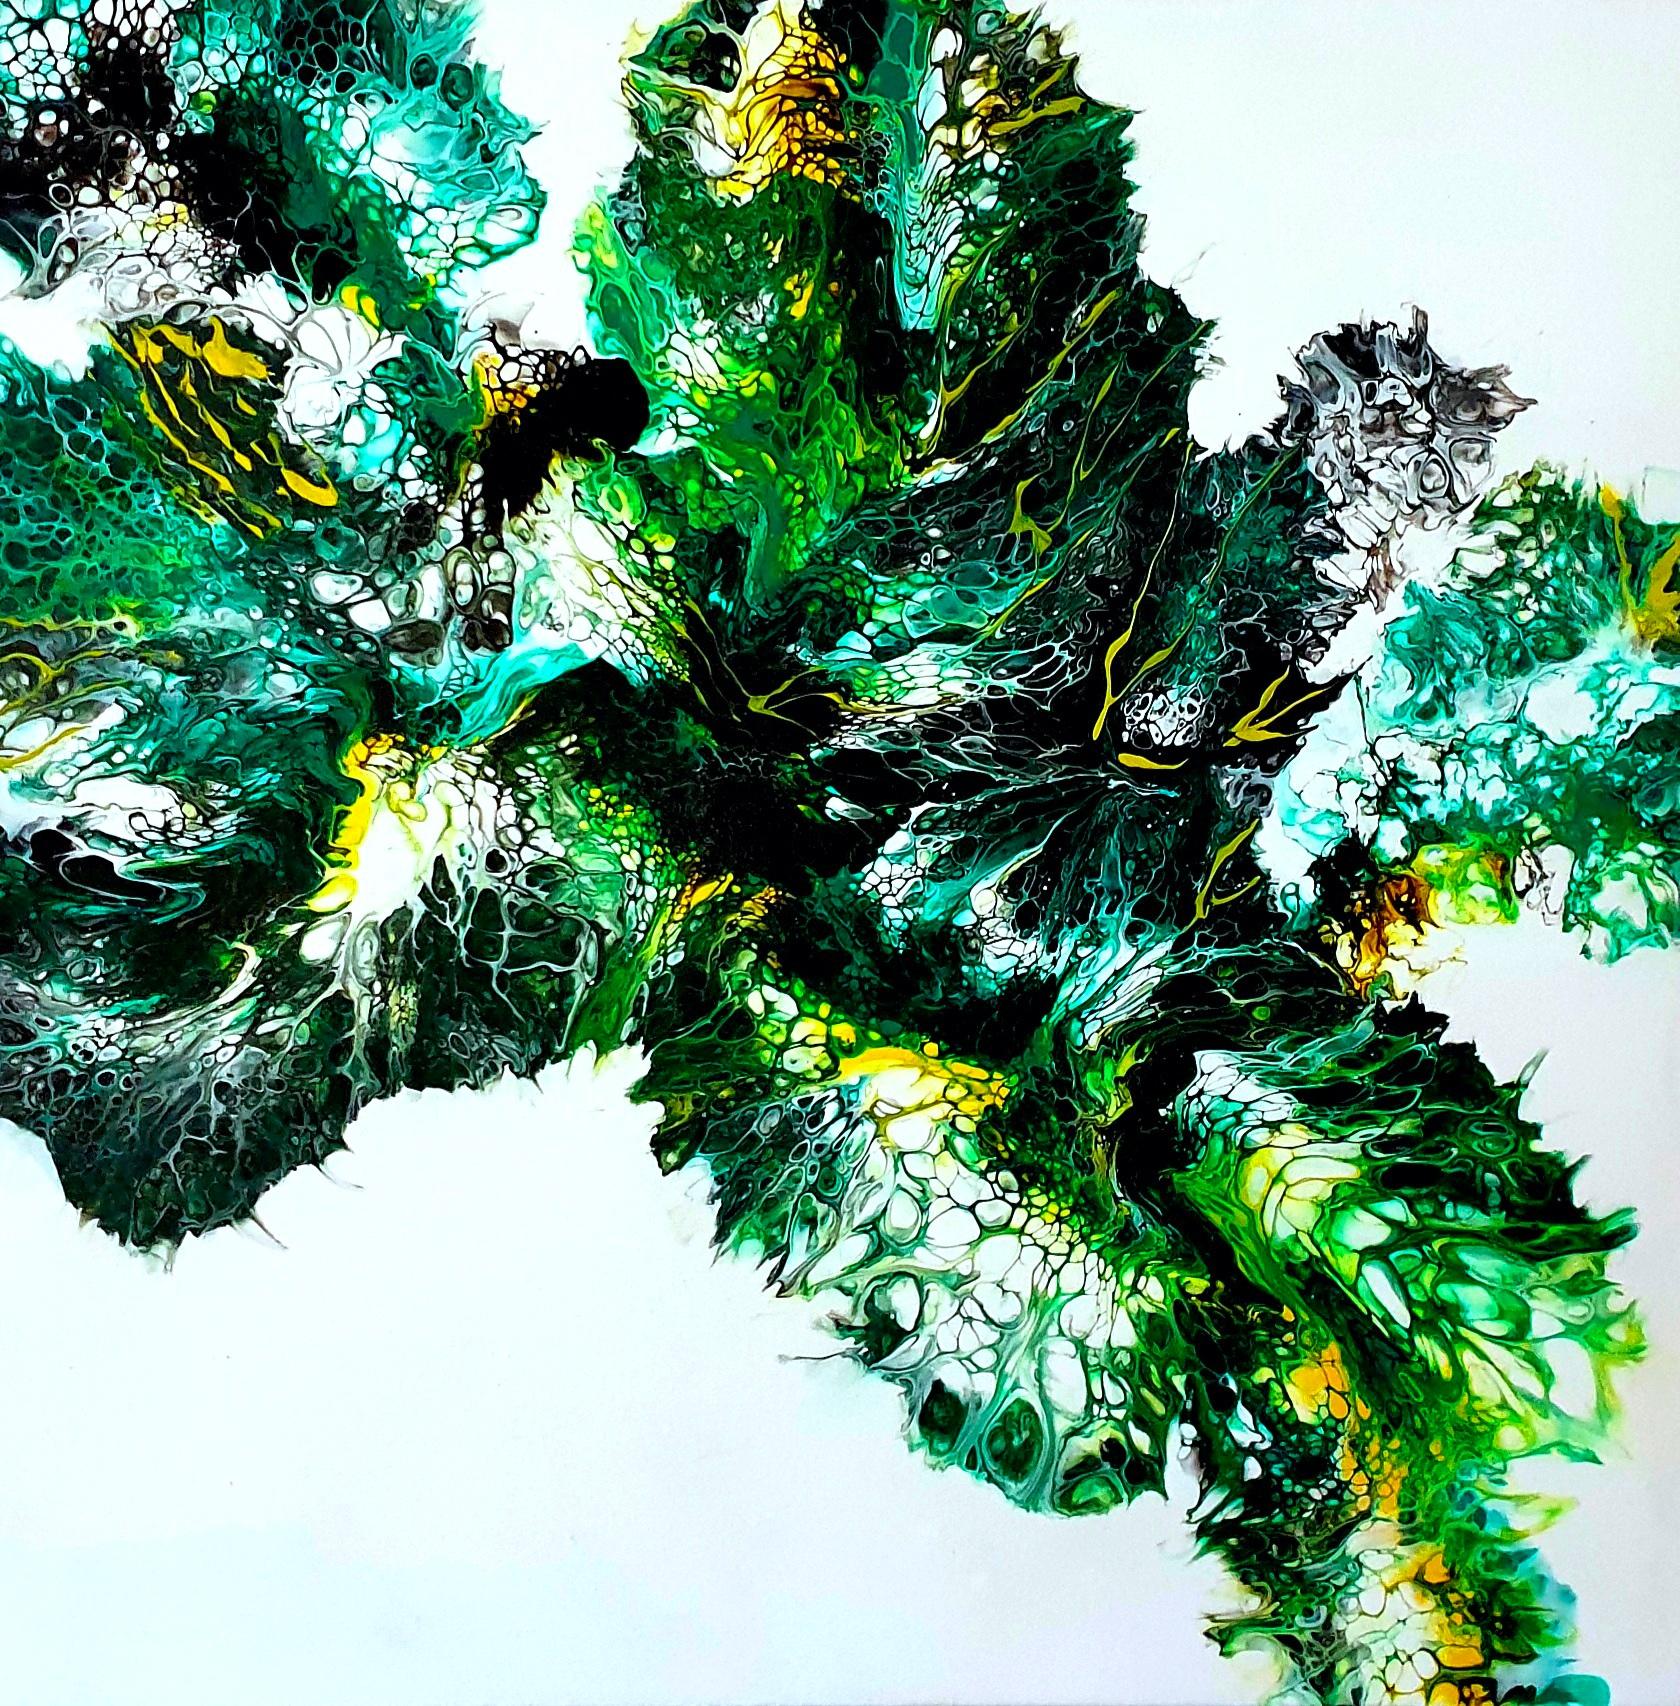 """Obraz akryl 80cm x 80cm pt.""""Magia zieleni"""" (2020)"""